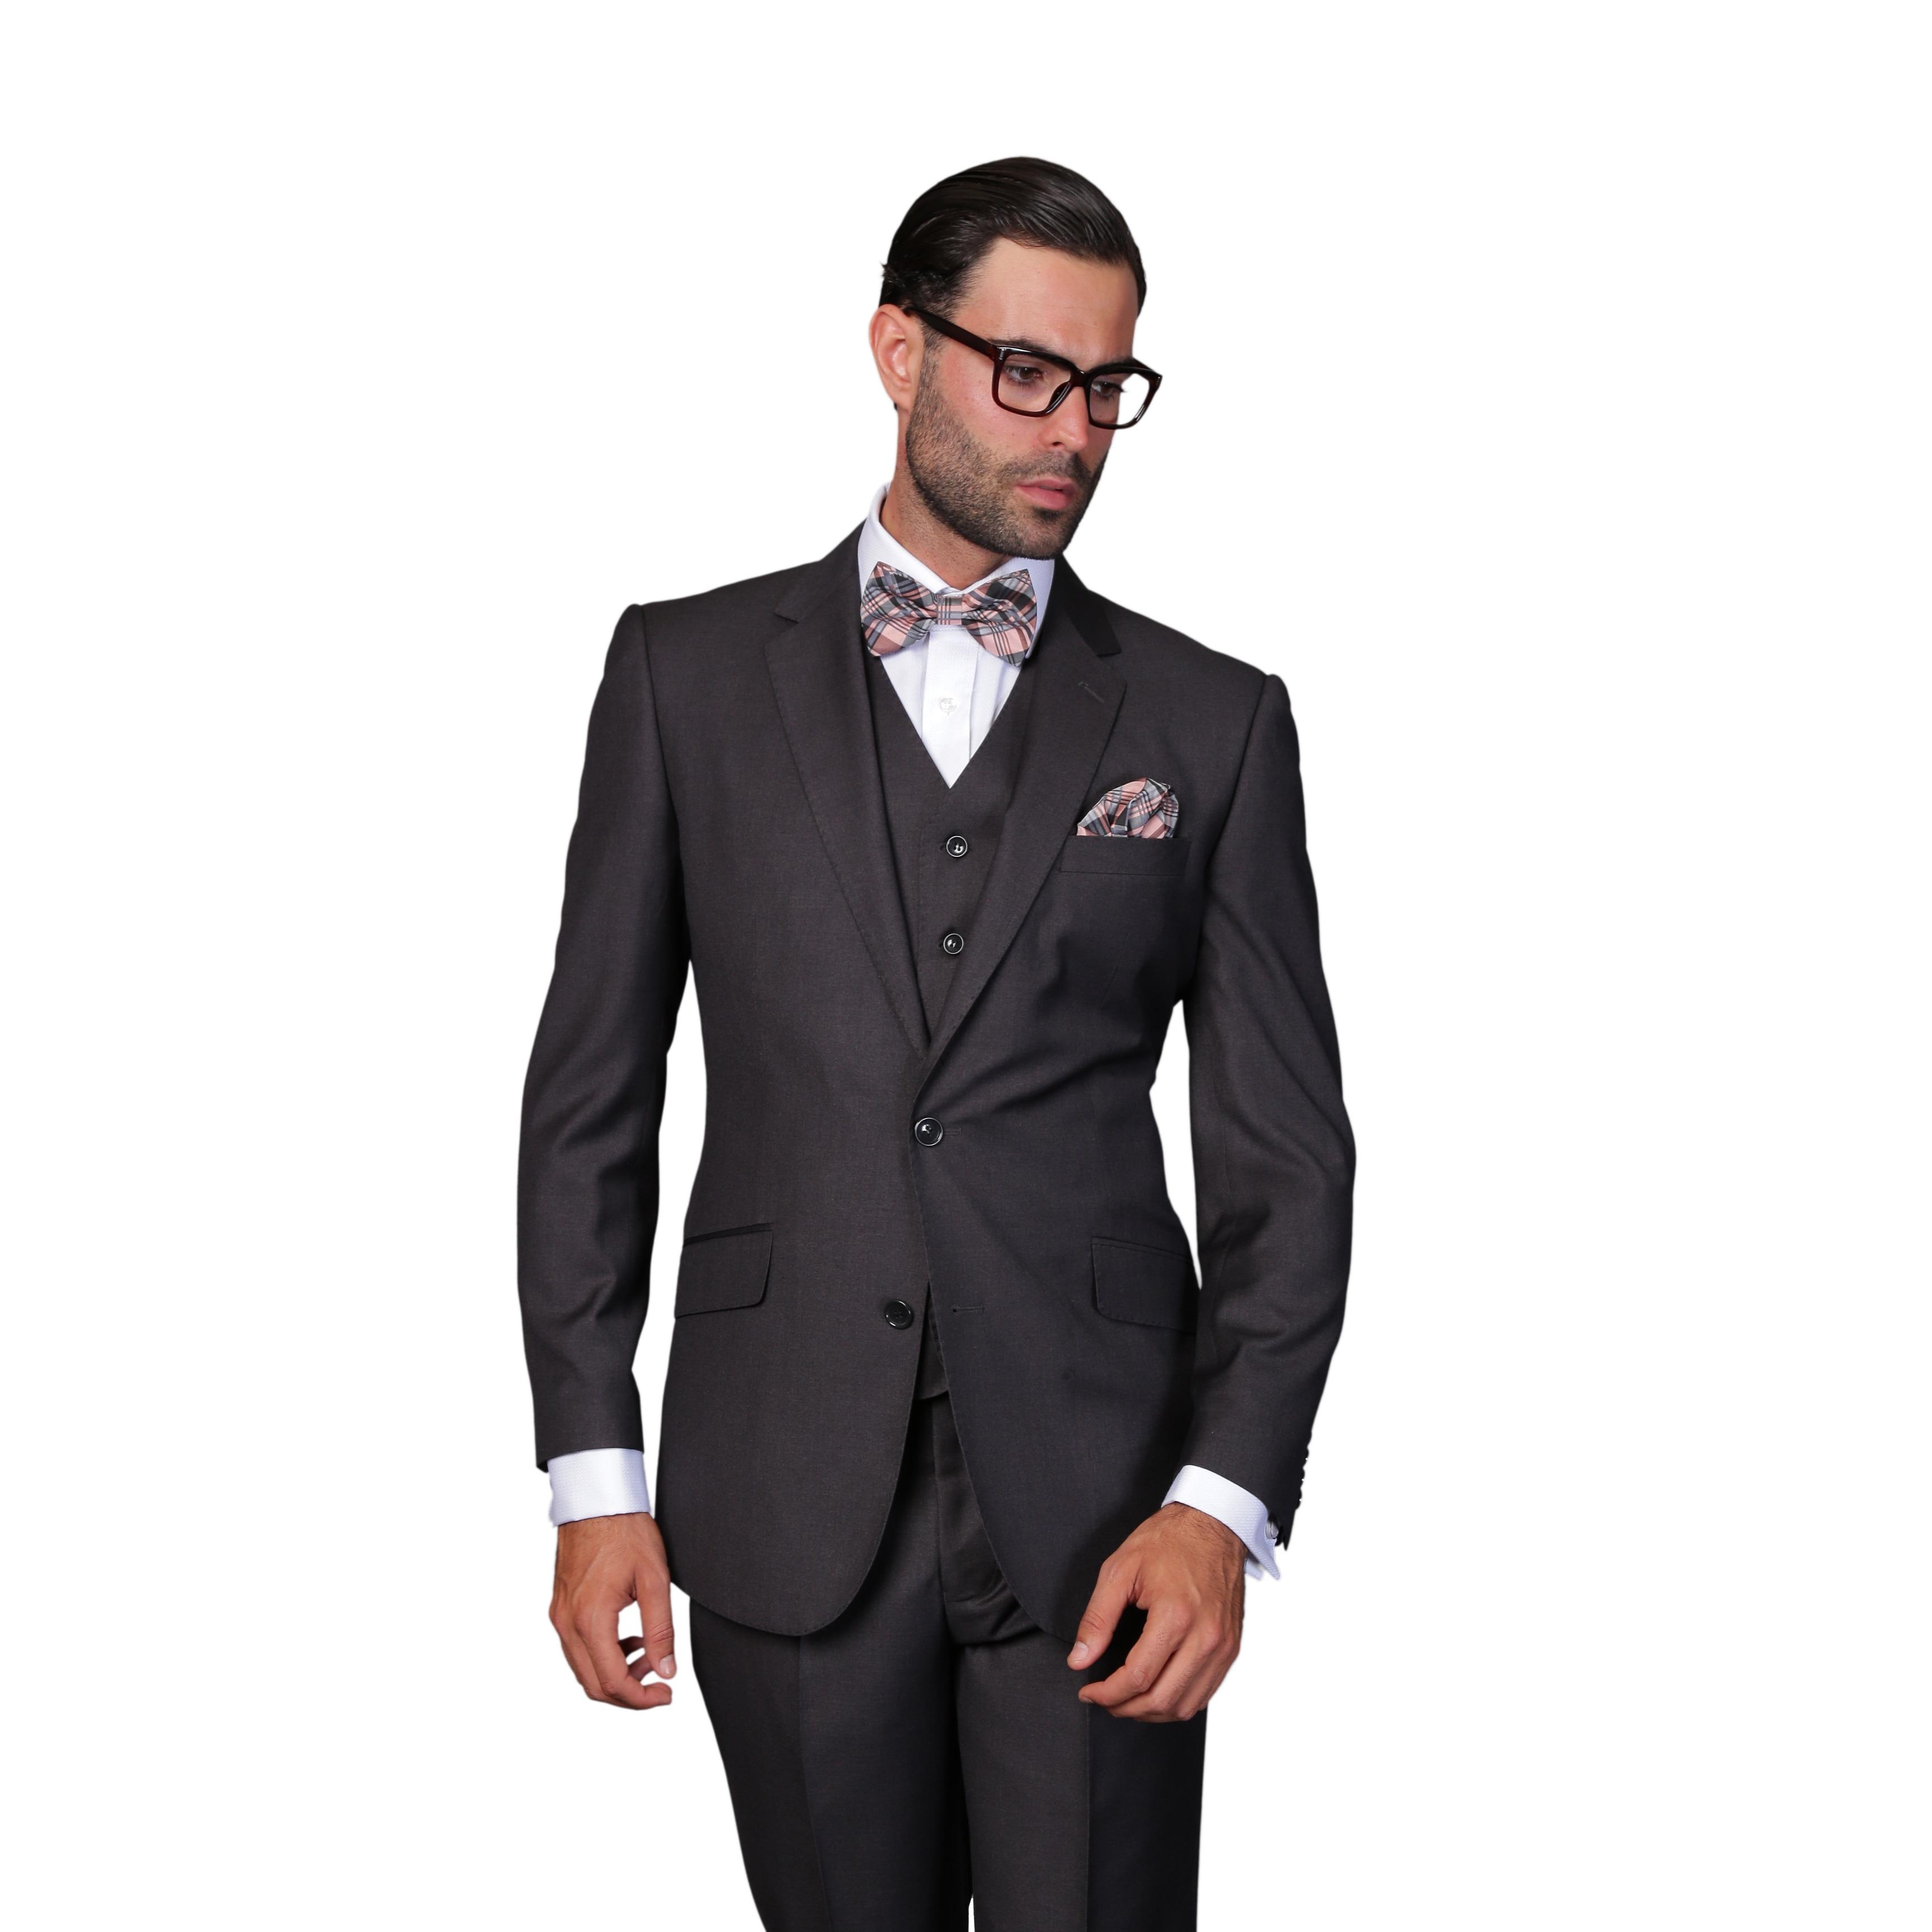 Mens Three Piece Suit cfZY